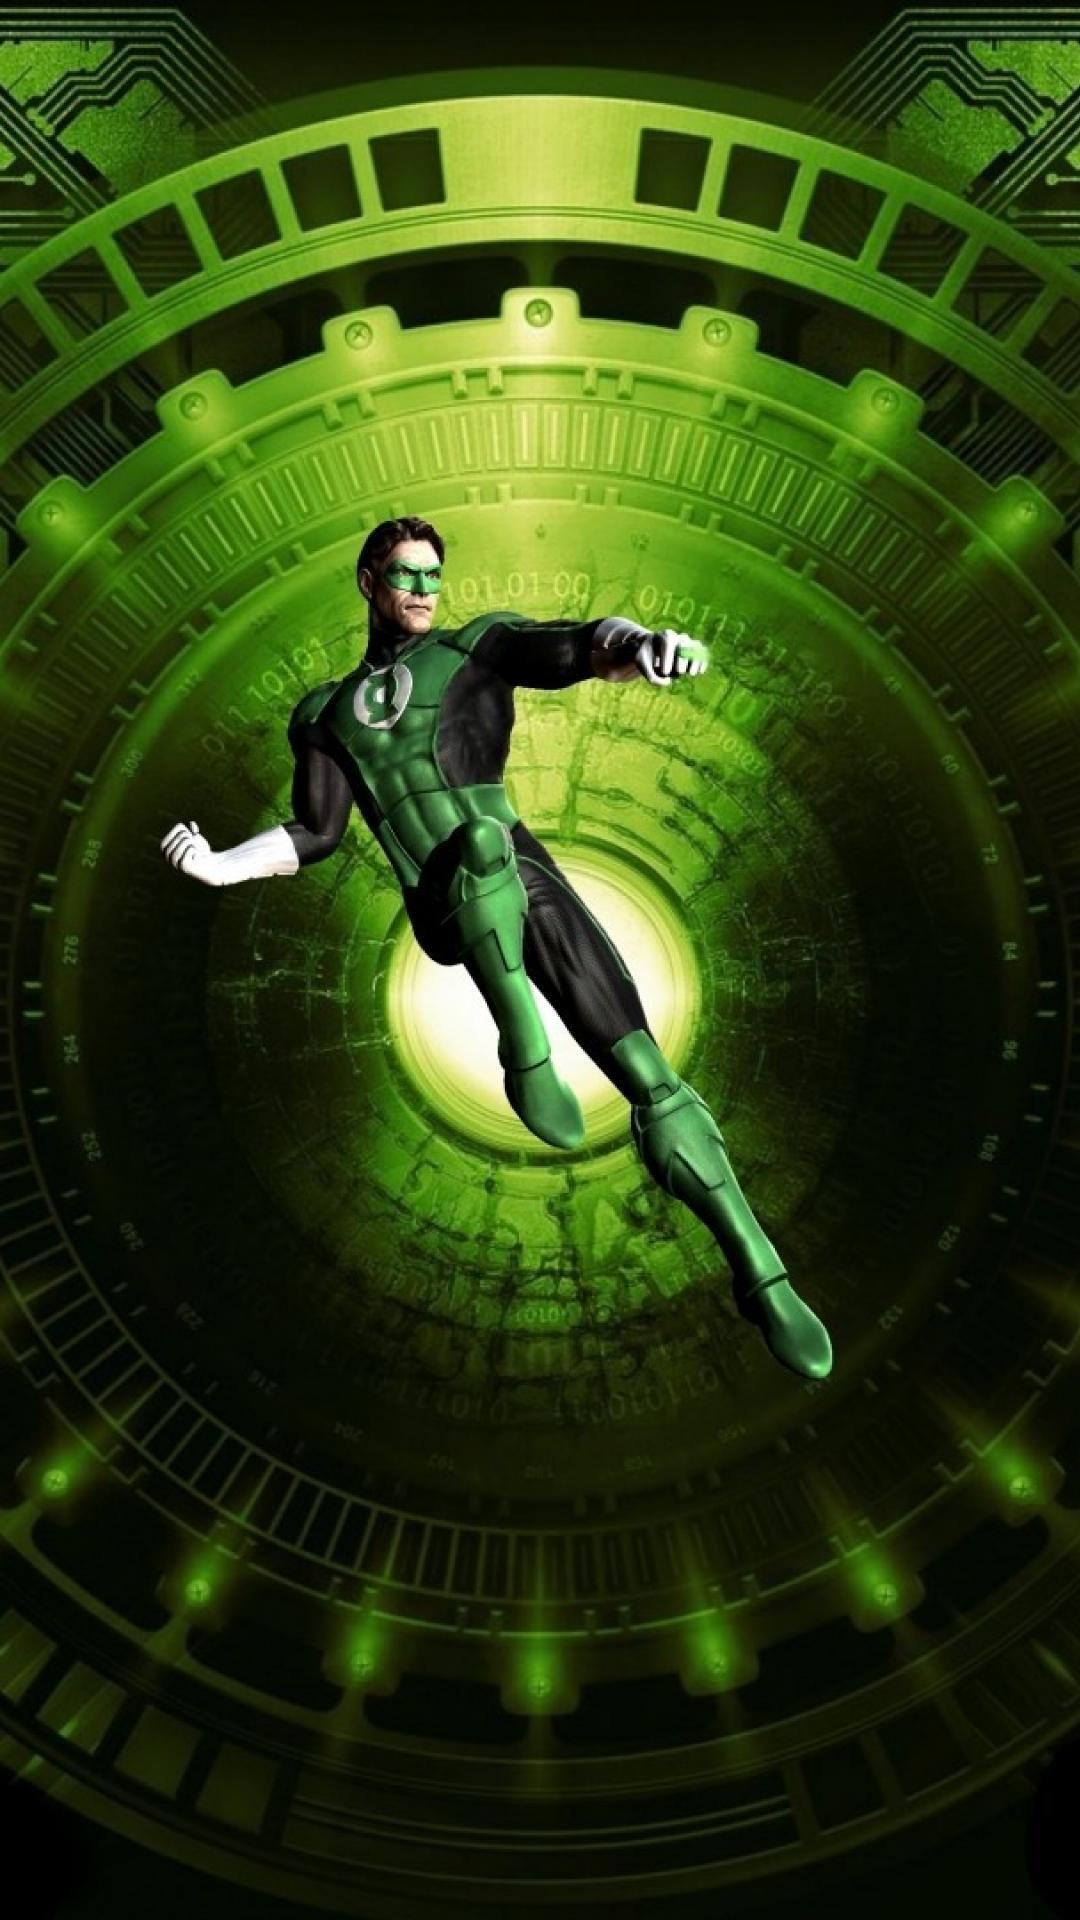 Green Lantern Phone Wallpapers - Top Free Green Lantern ...